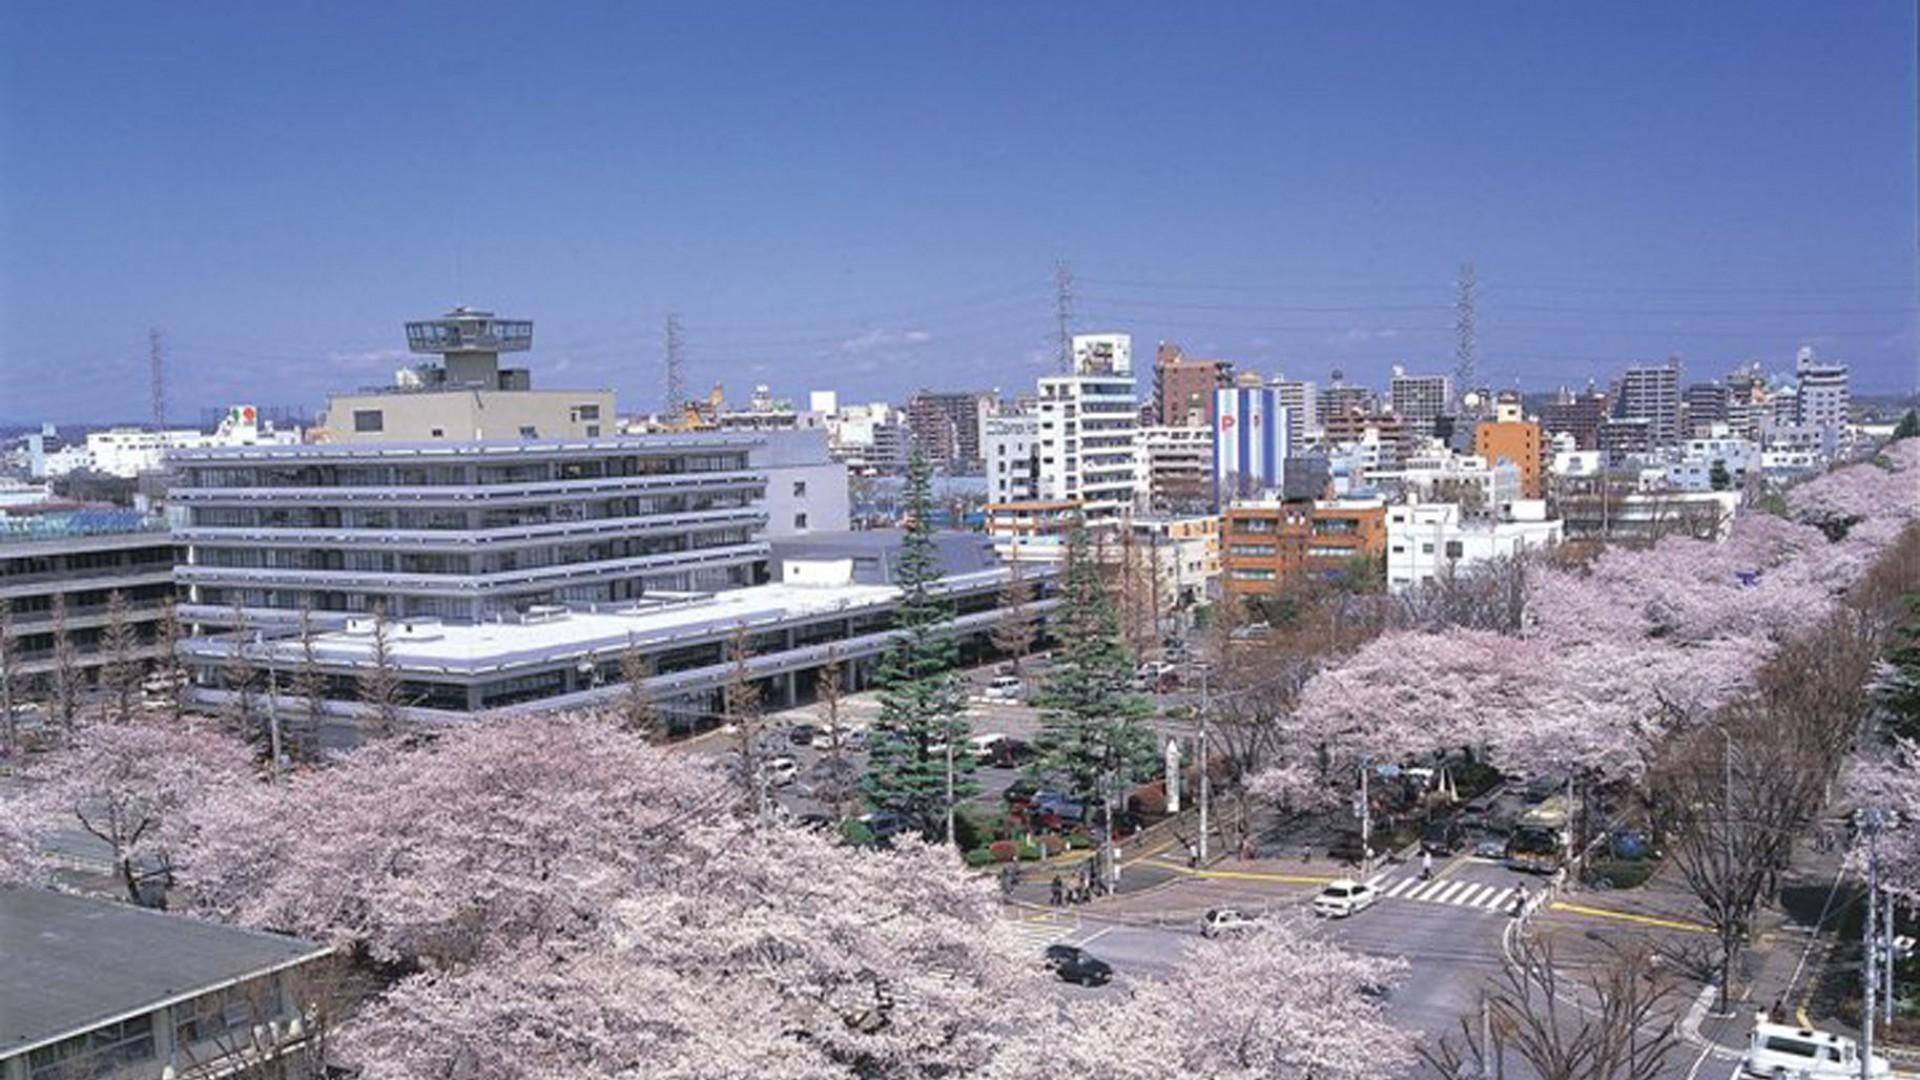 ถนนซากุระที่ศาลากลางเมืองสะกะมิฮะระ (ต้นซากุระ)